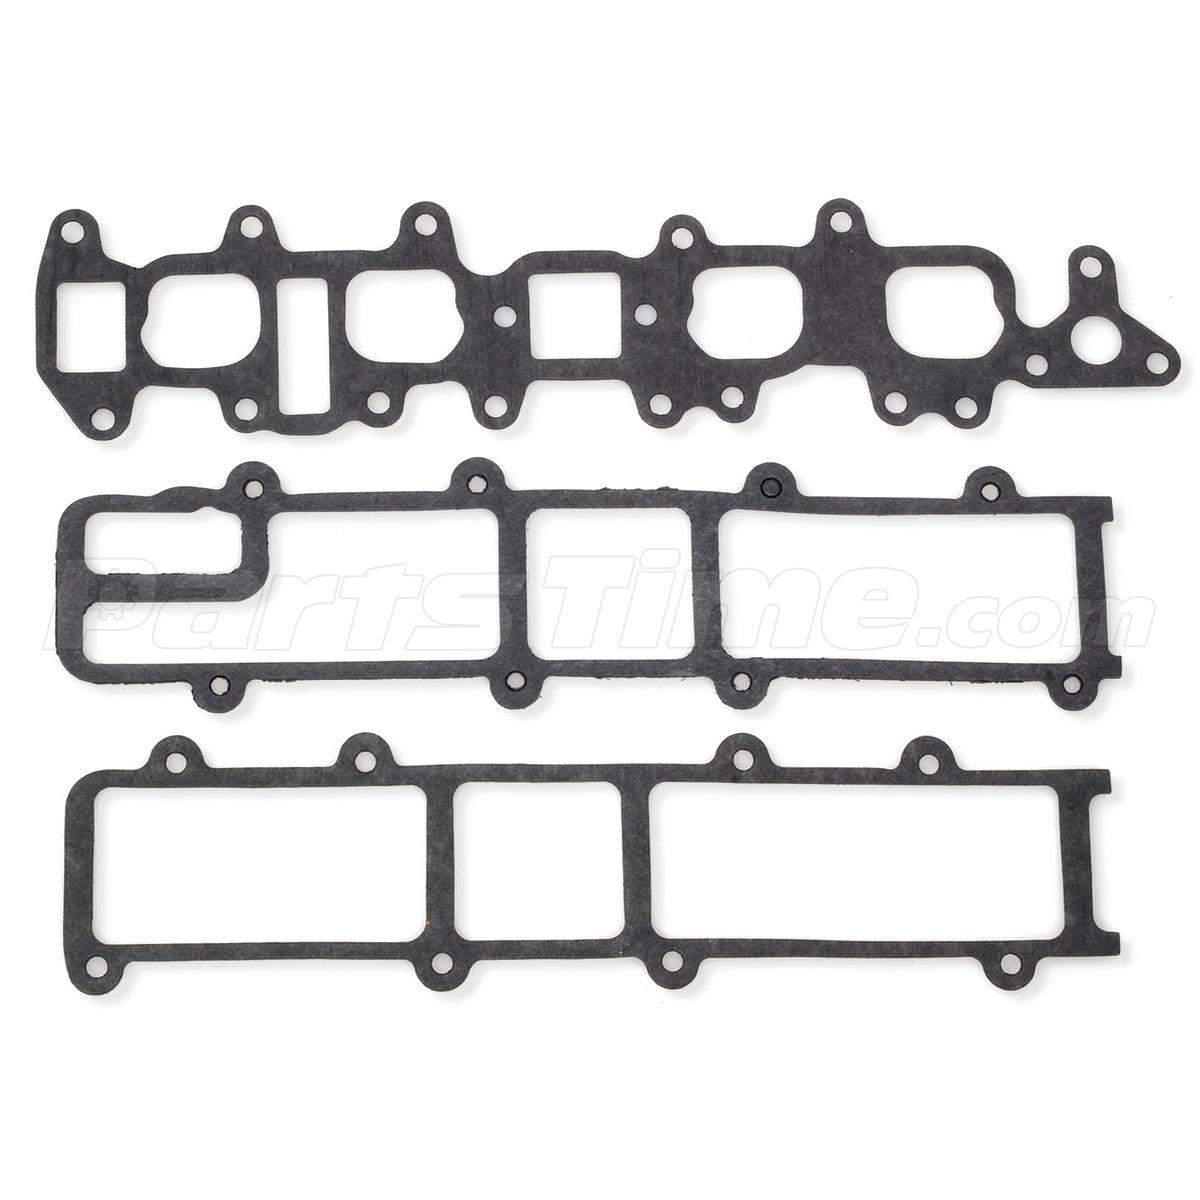 cylinder head gasket for toyota 4runner pickup 22r 22re 22rec hs26185pt